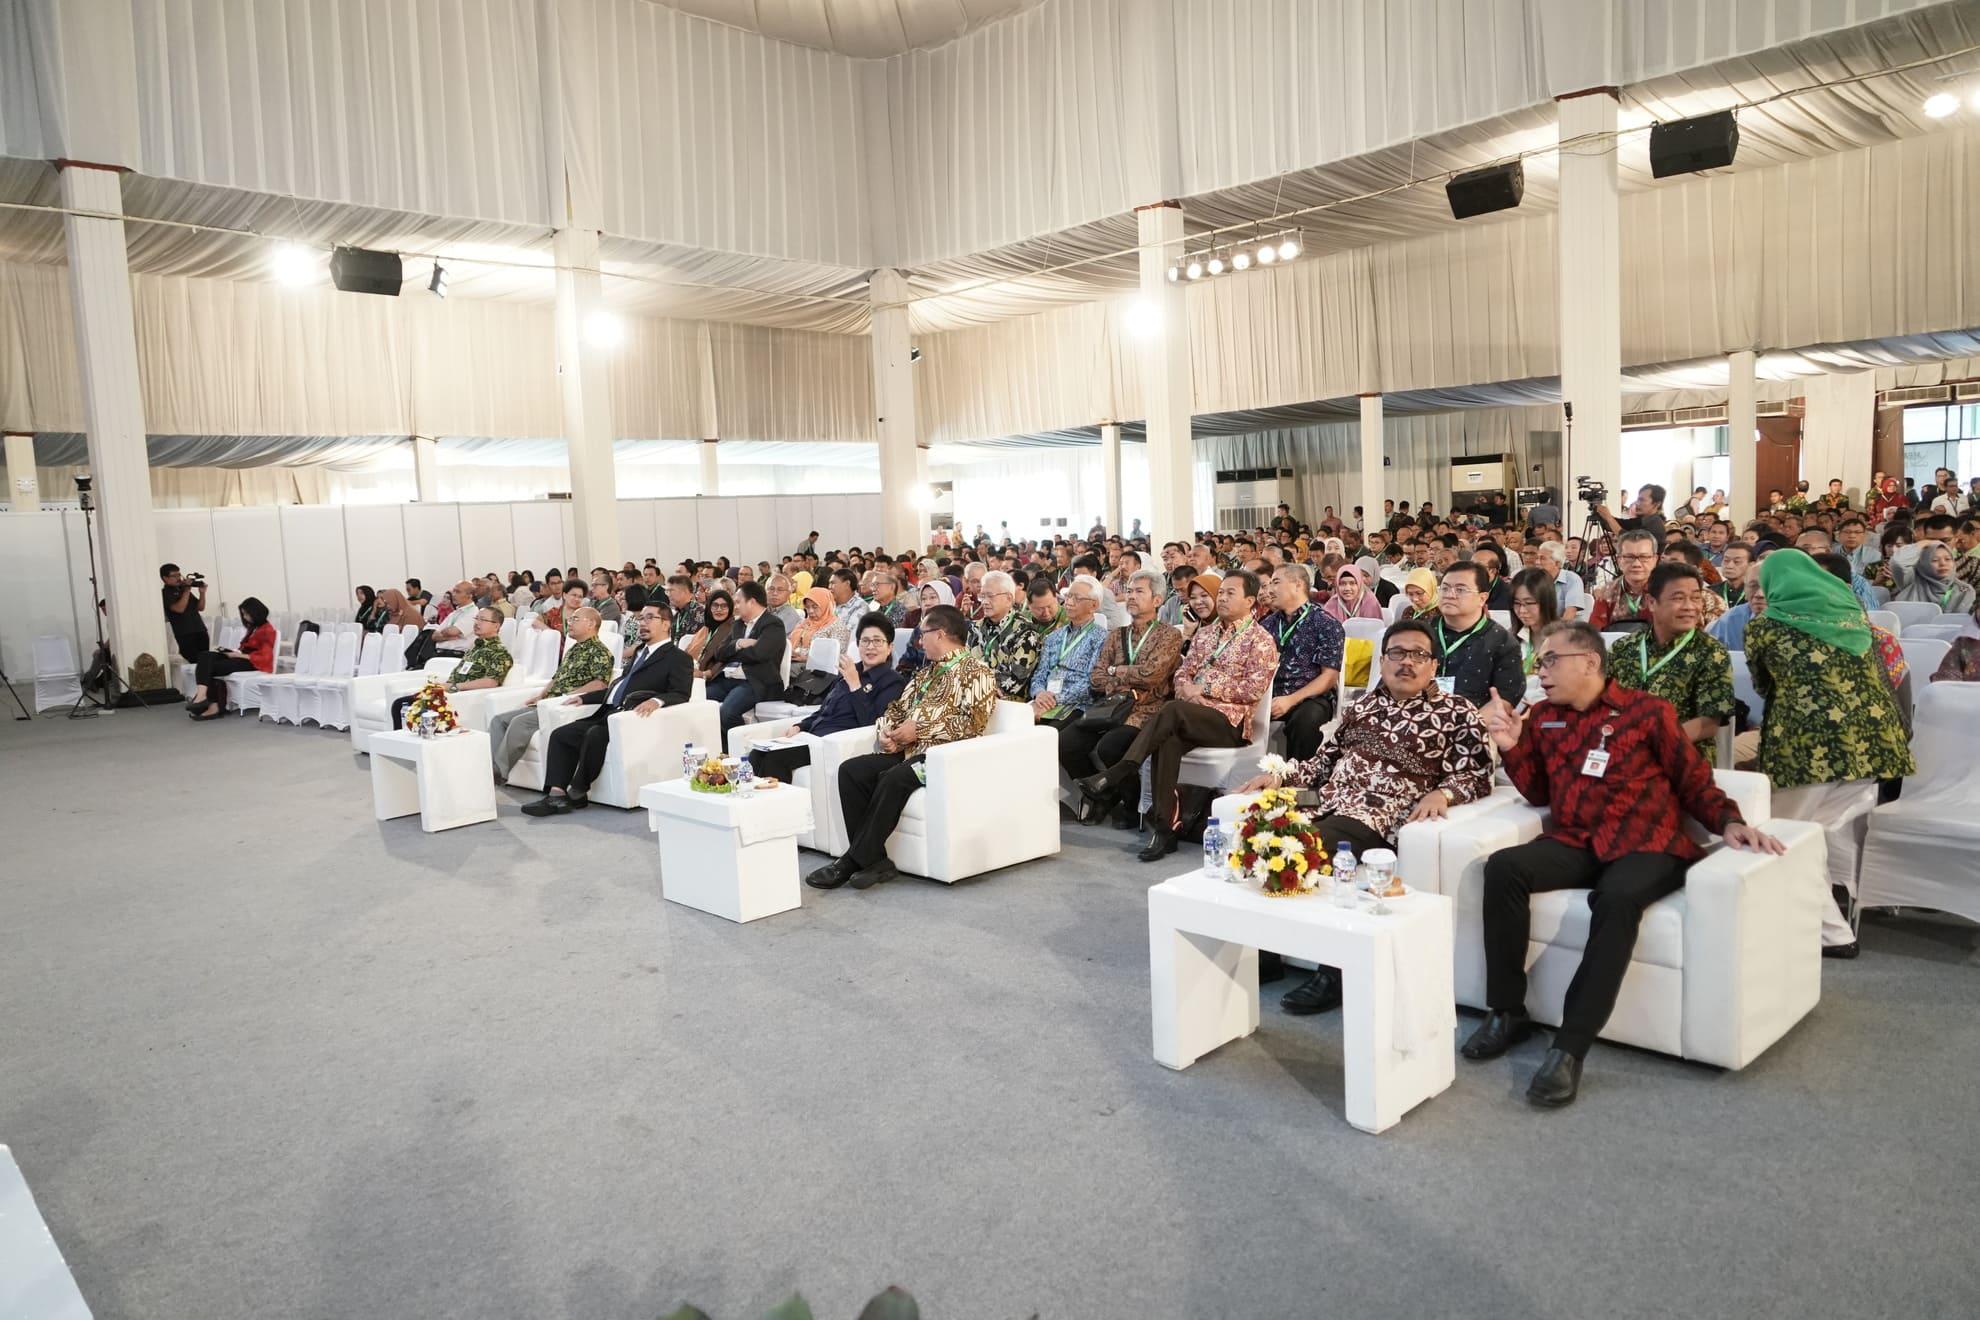 24-7-2018-kunker-menkes-ke-semarang-menghadiri-kongres-obsetri-dan-ginekologi-indonesia-2018-4